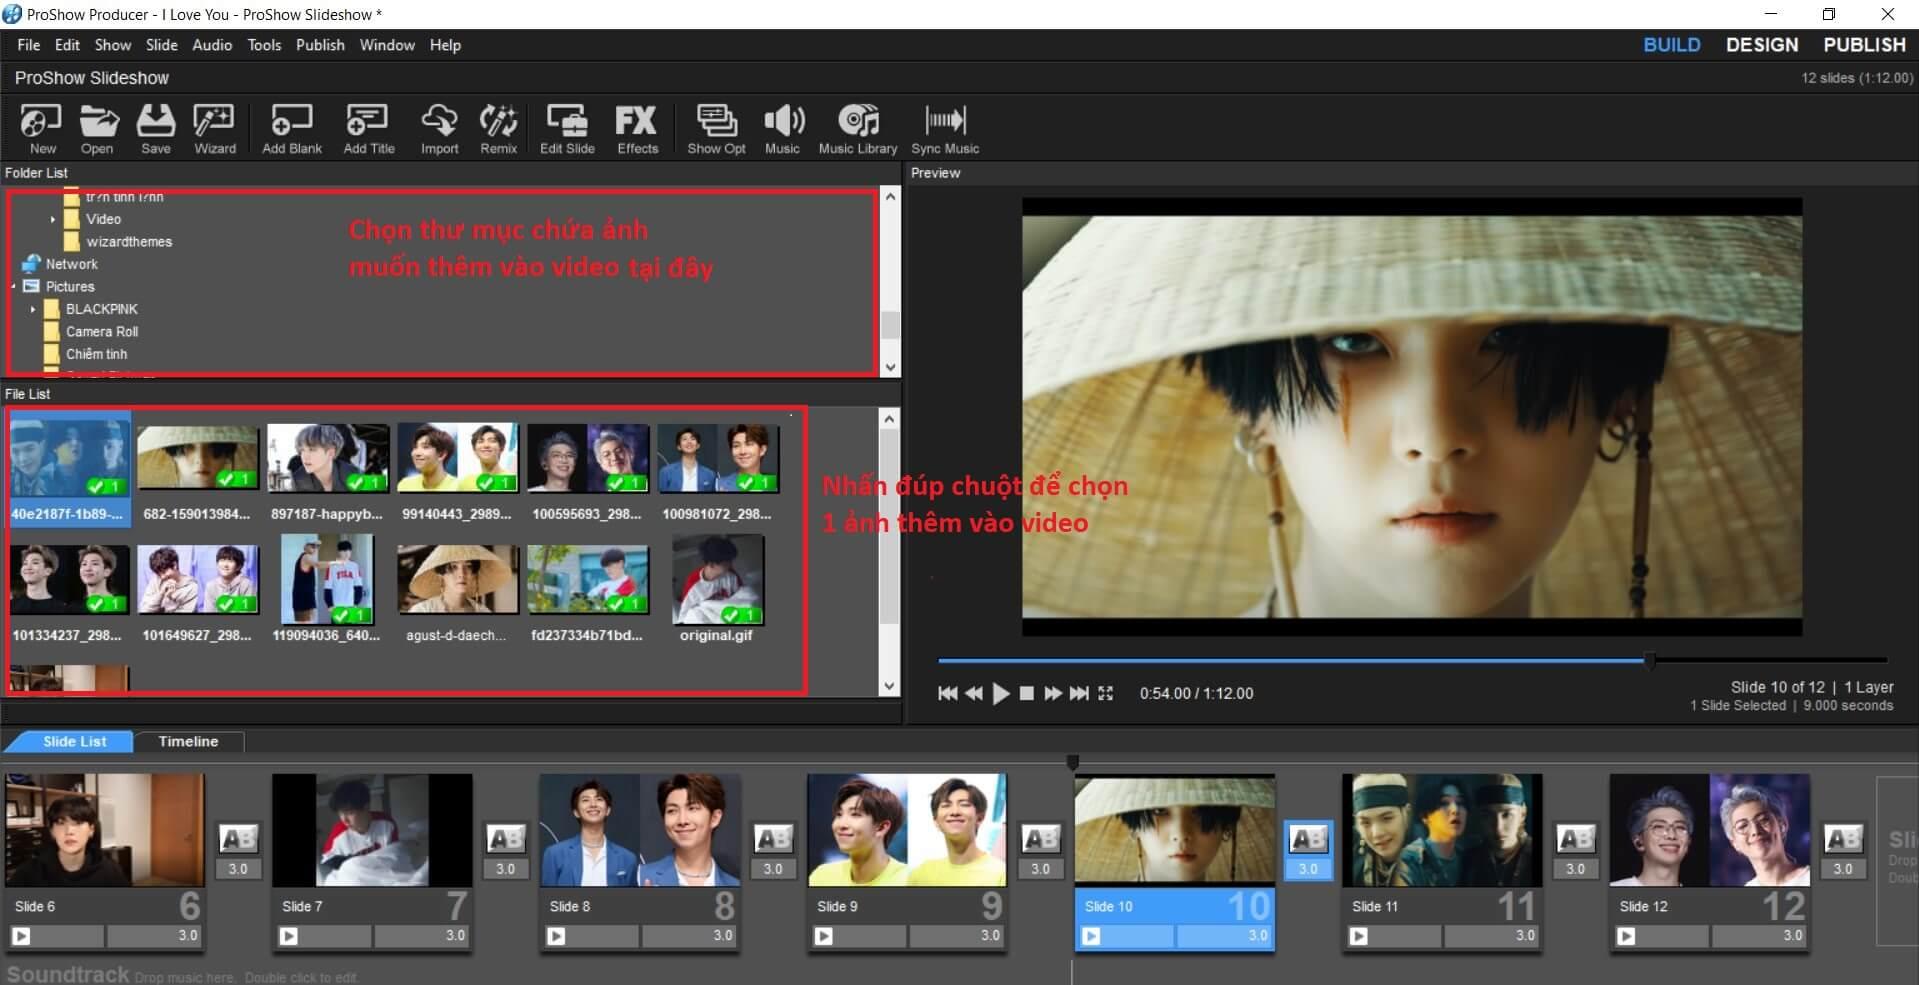 cach-make-video-slide-anh-bang-proshow-producer-2